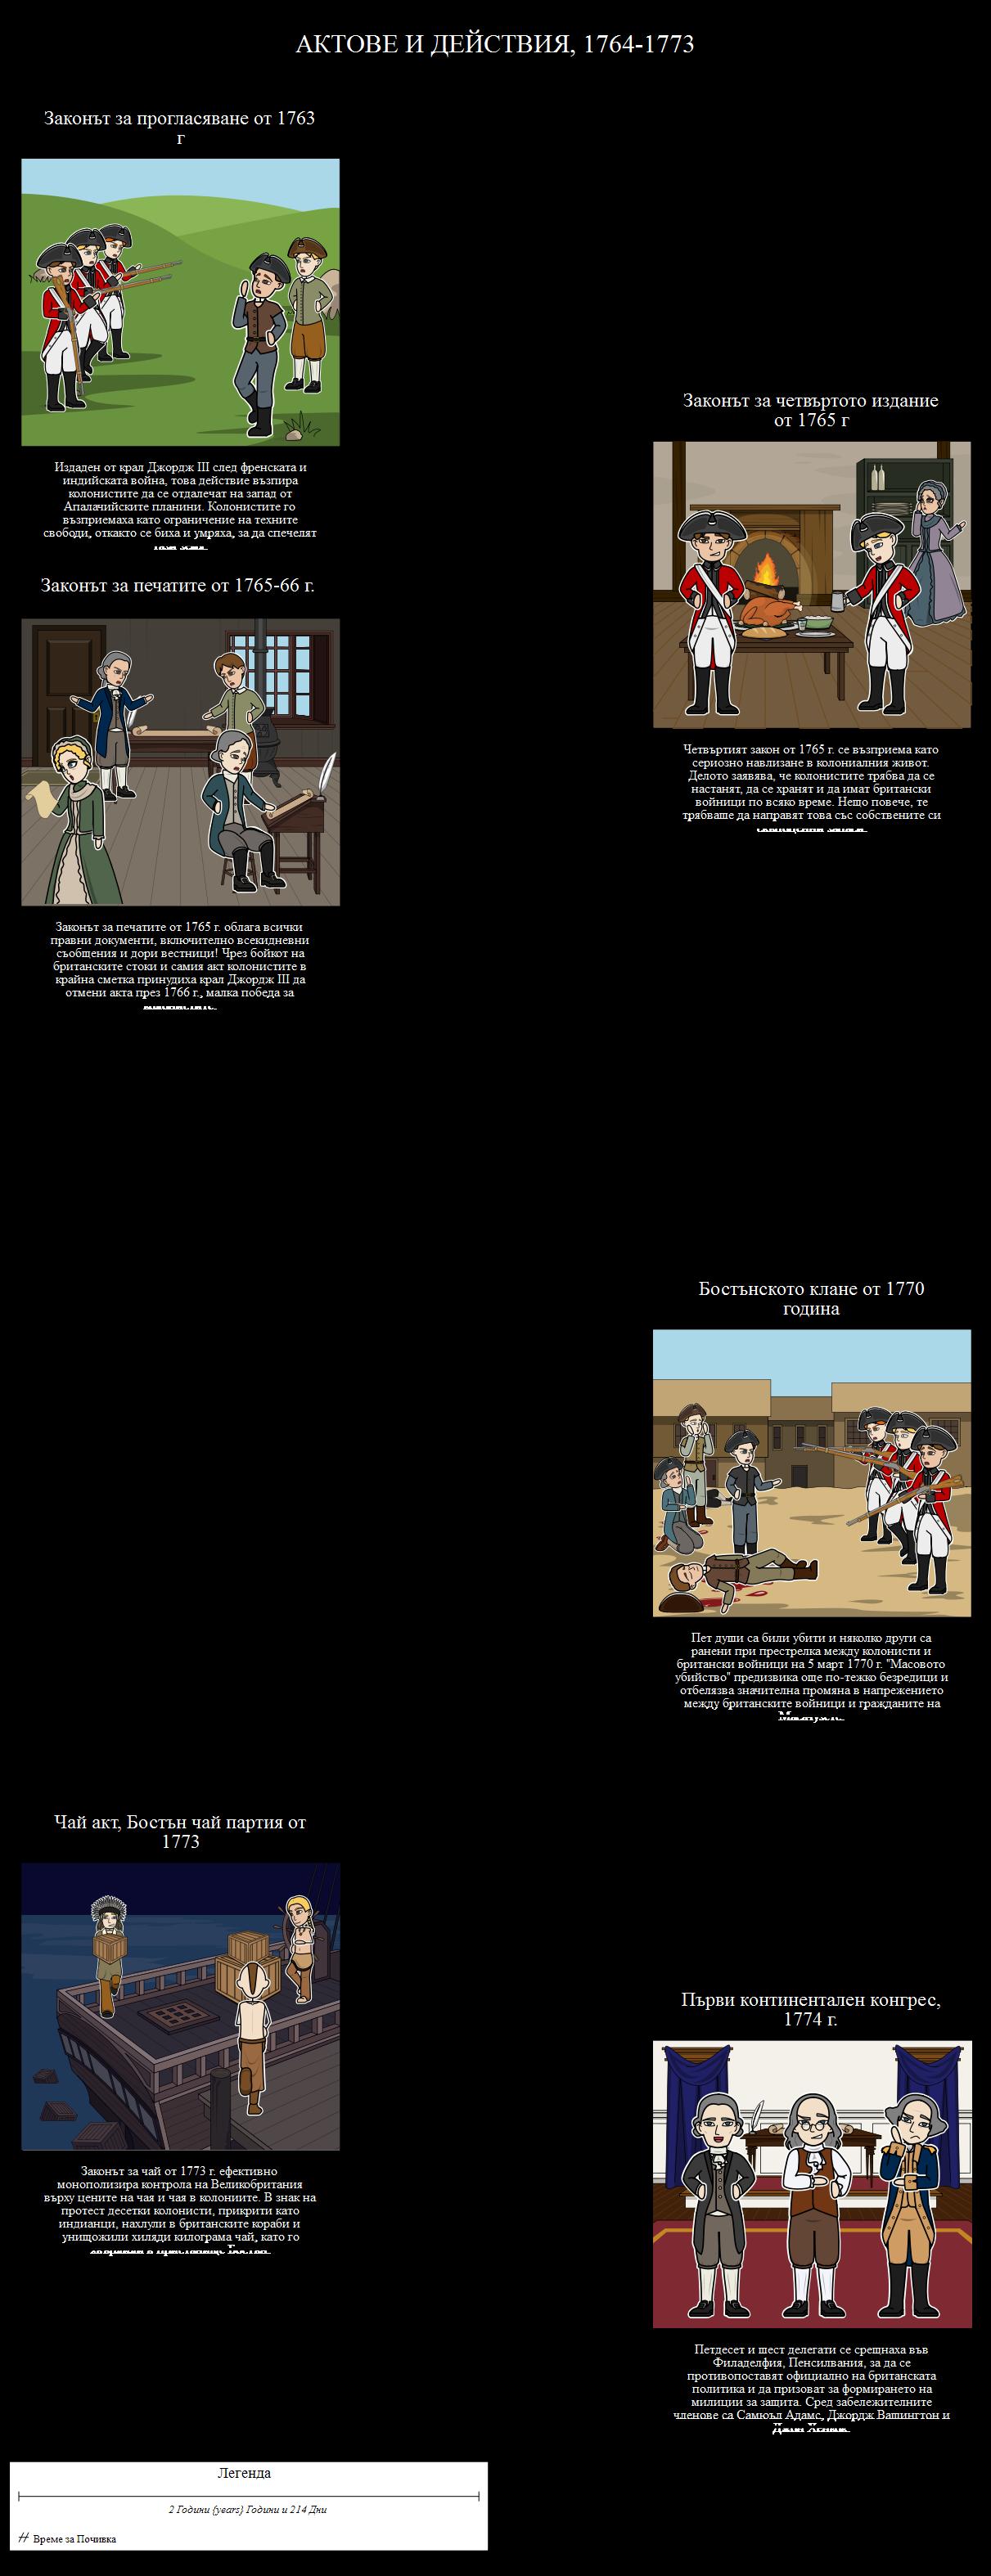 Действия и действия на 13-те колонии: 1764-1773